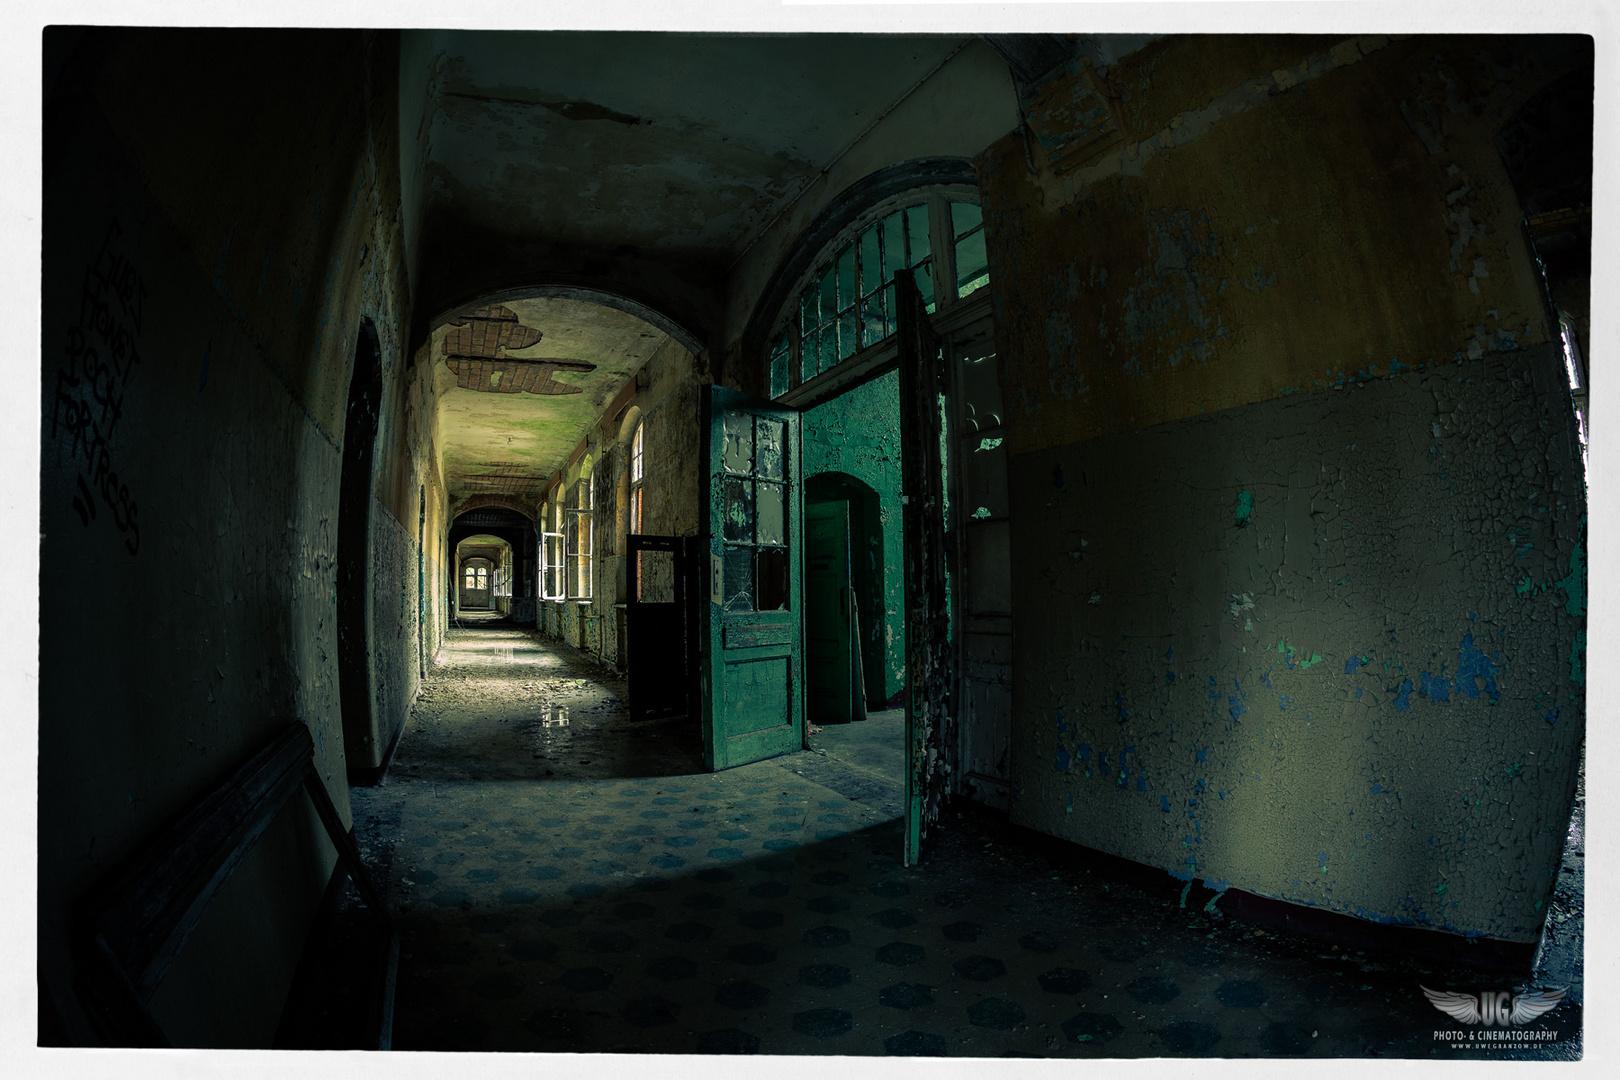 The Green Floor II